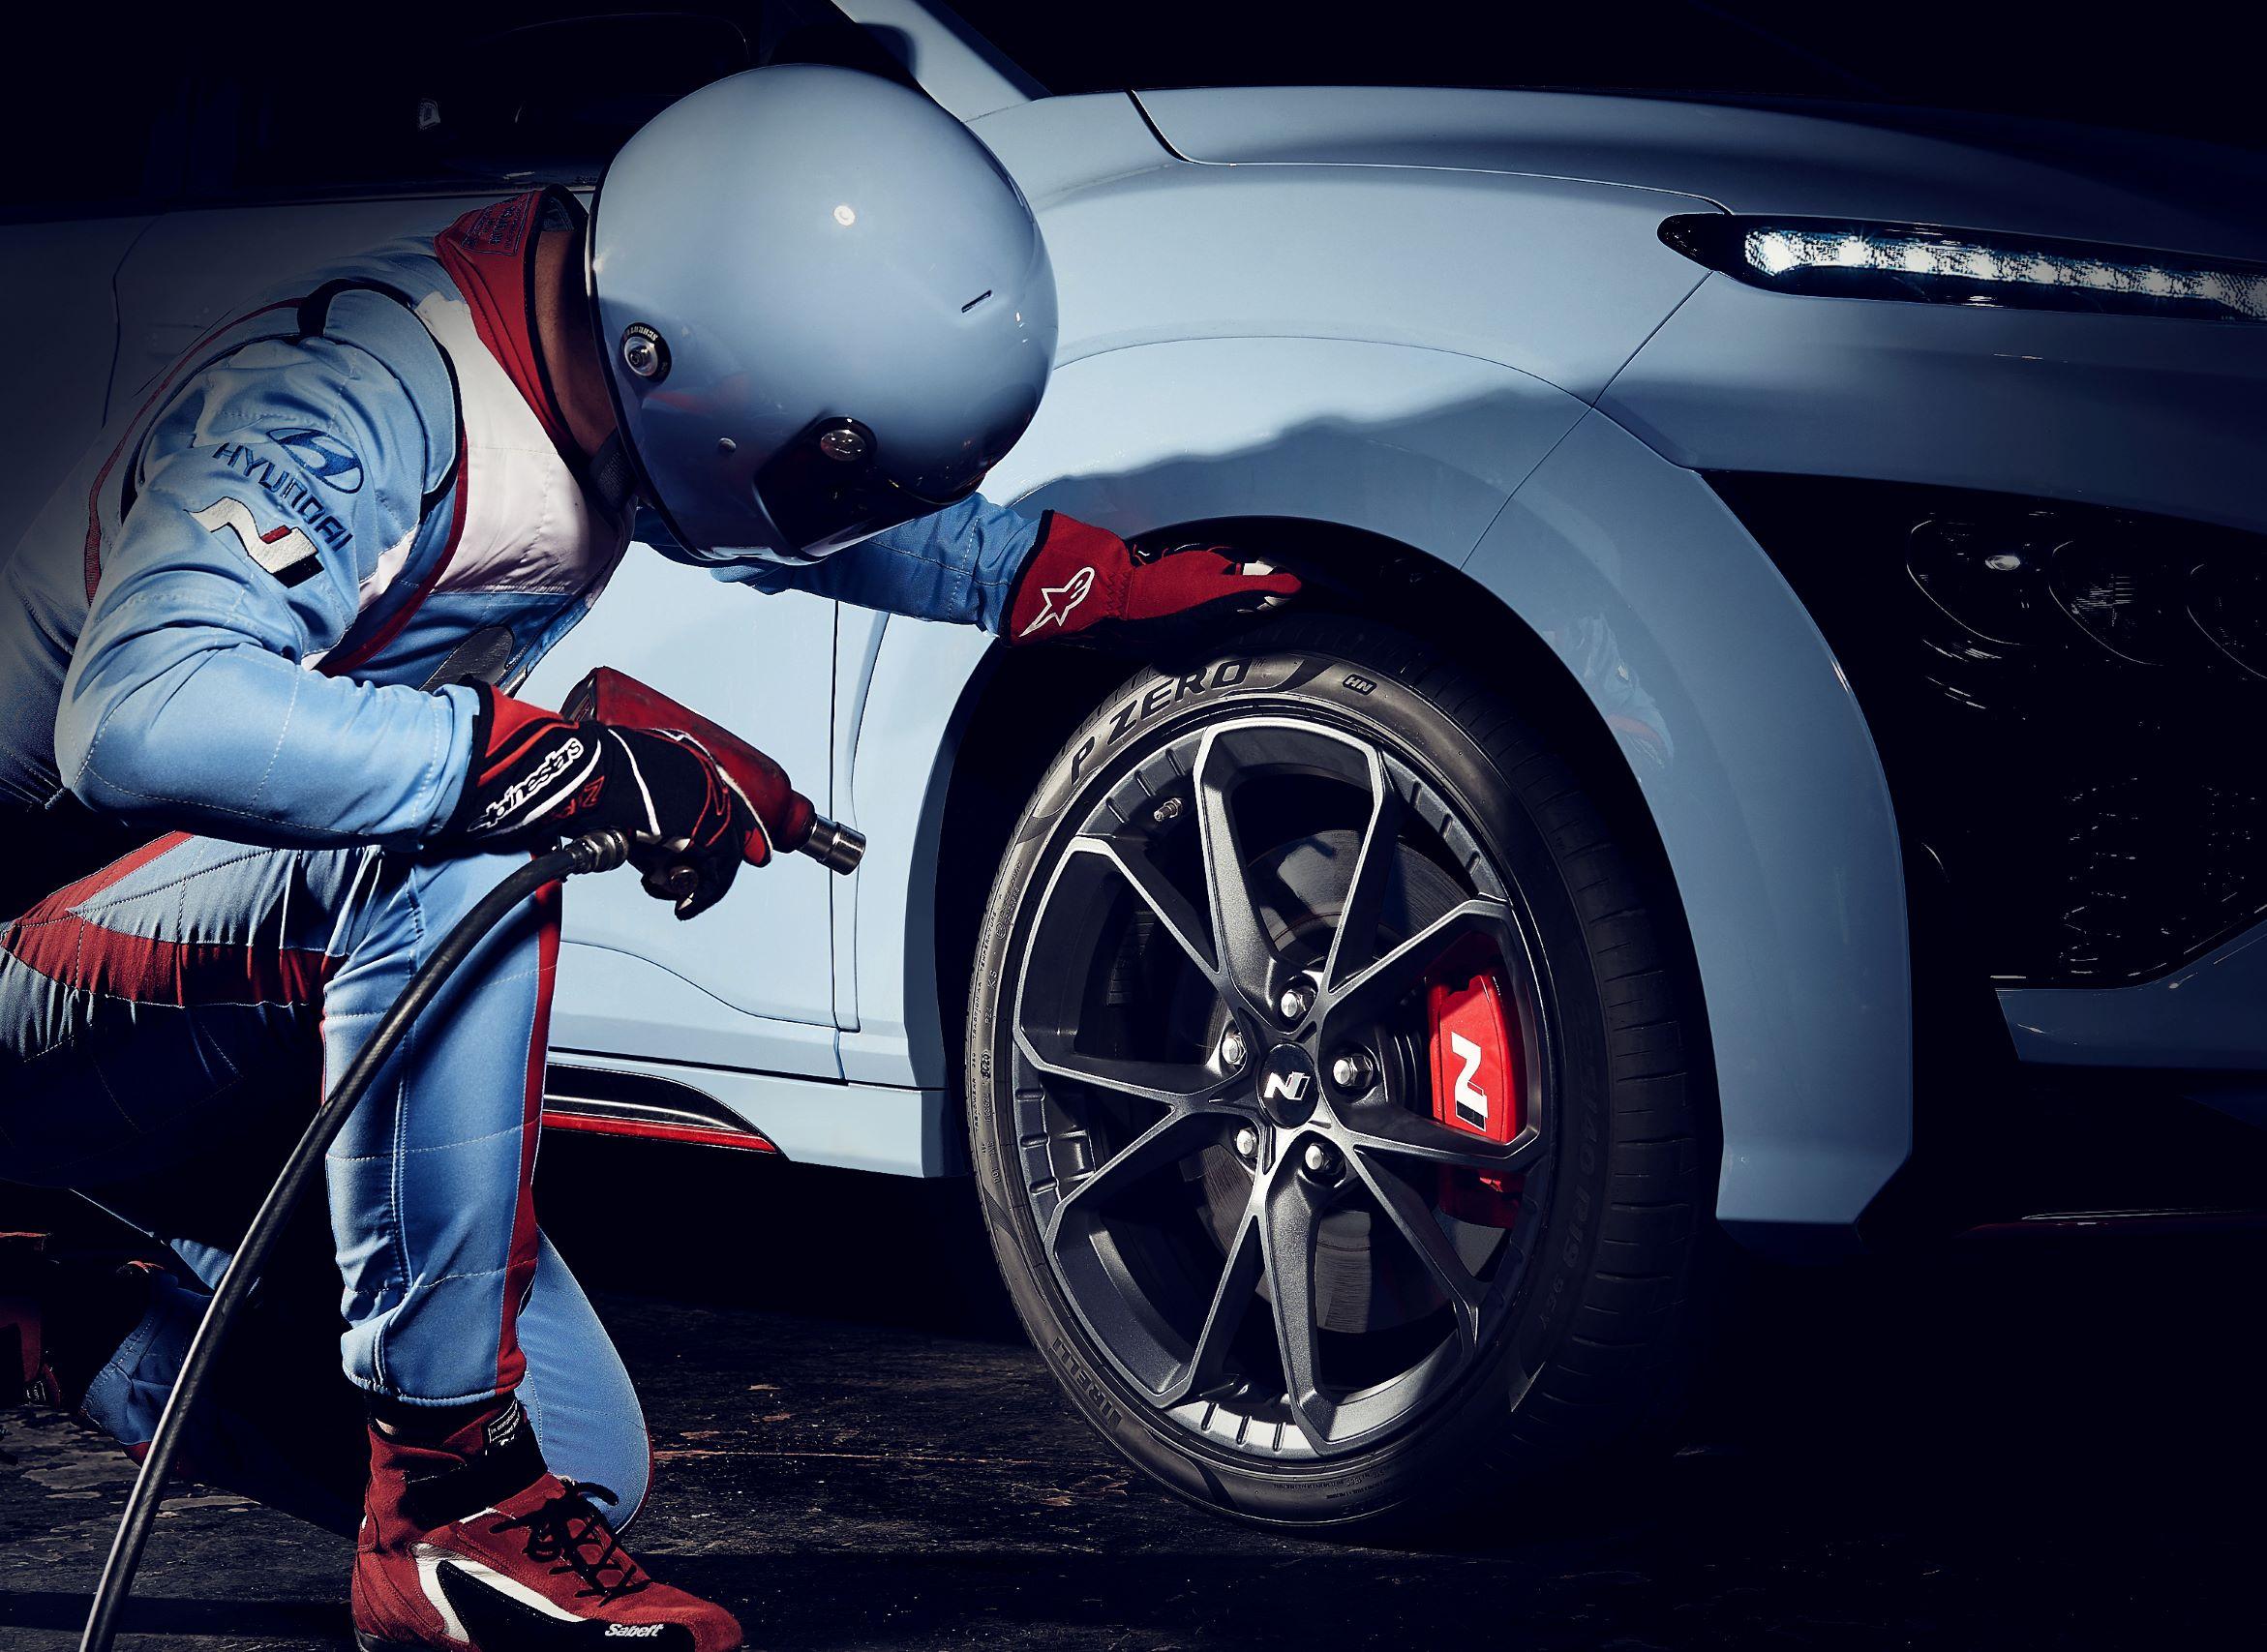 شركة هيونداي موتور تكشف عن سيارة Kona N الجديدة